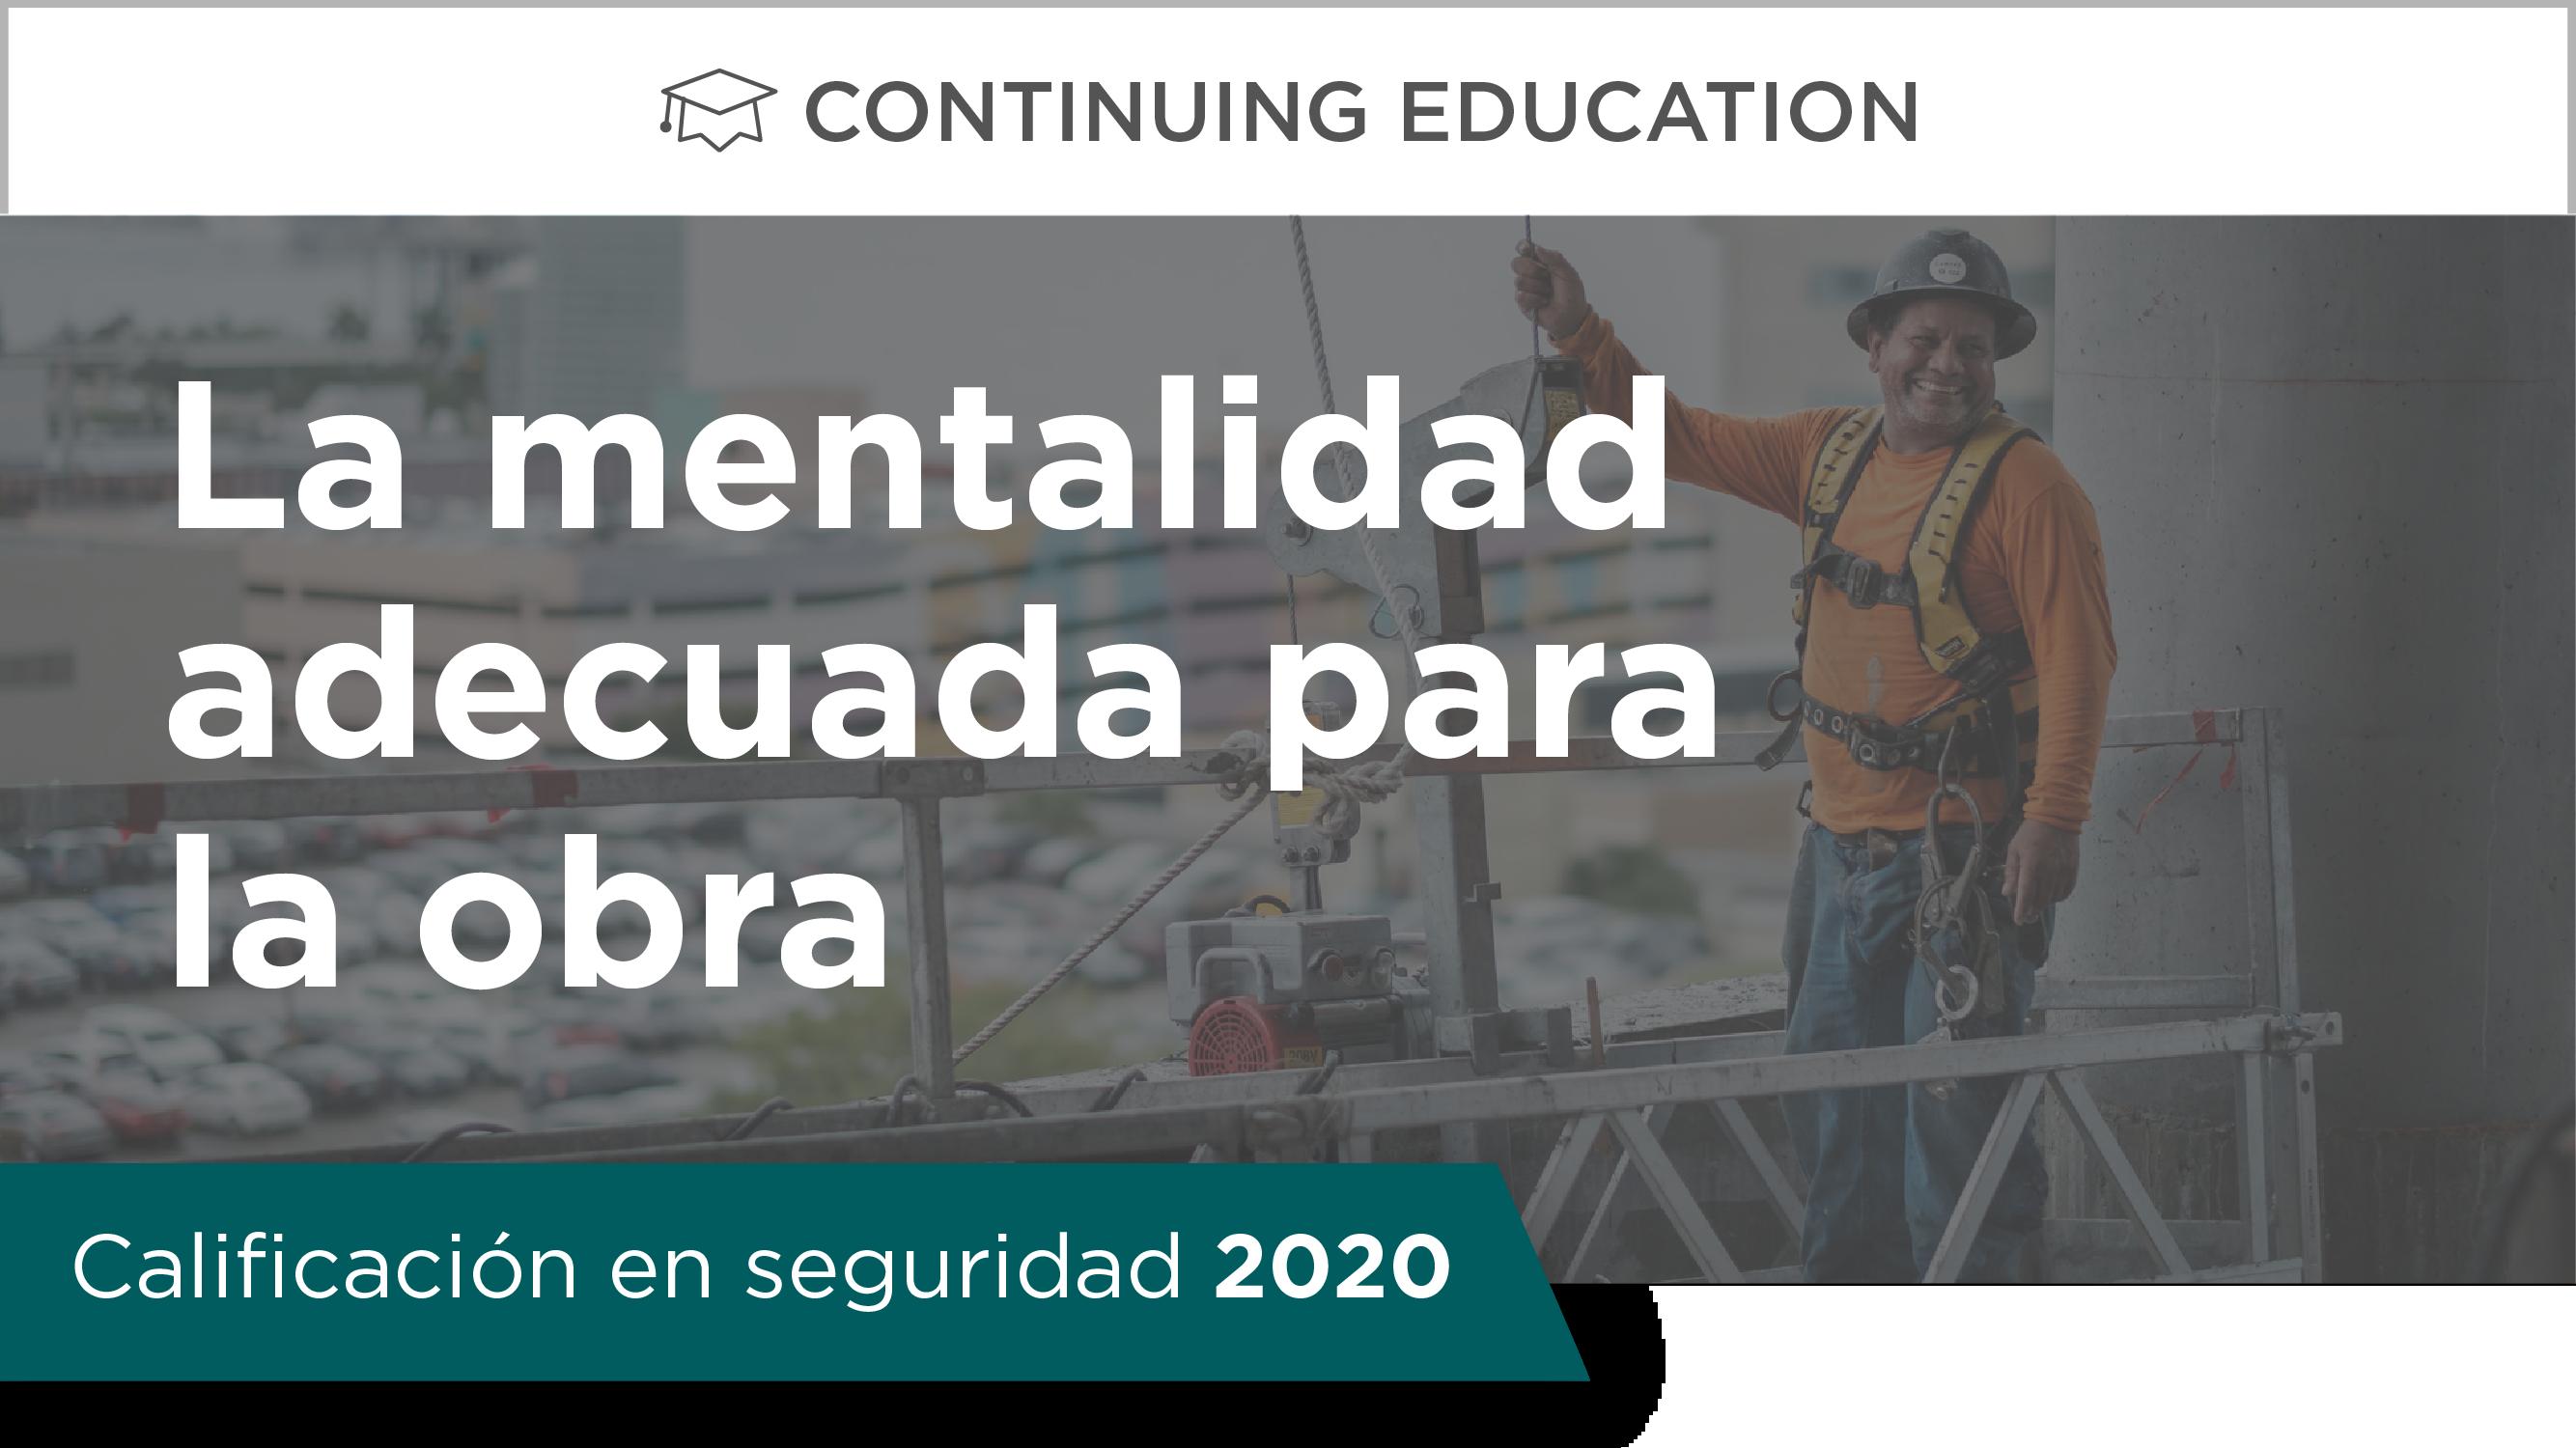 Calificación en seguridad 2020: La mentalidad adecuada para la obra